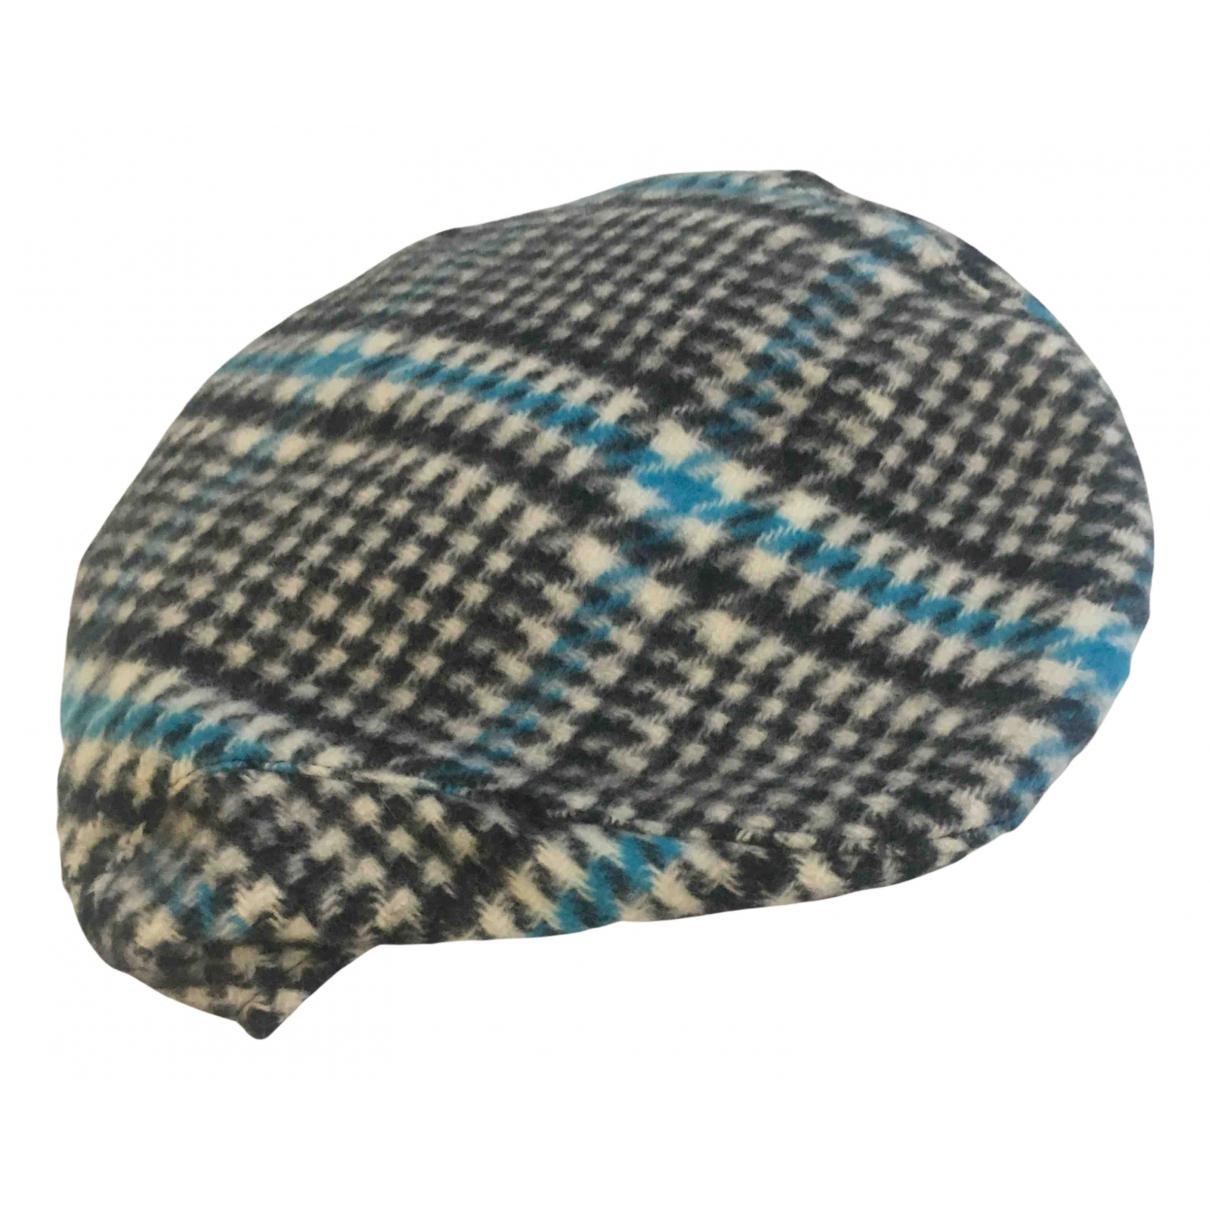 Burberry \N Hut, Muetzen in Wolle